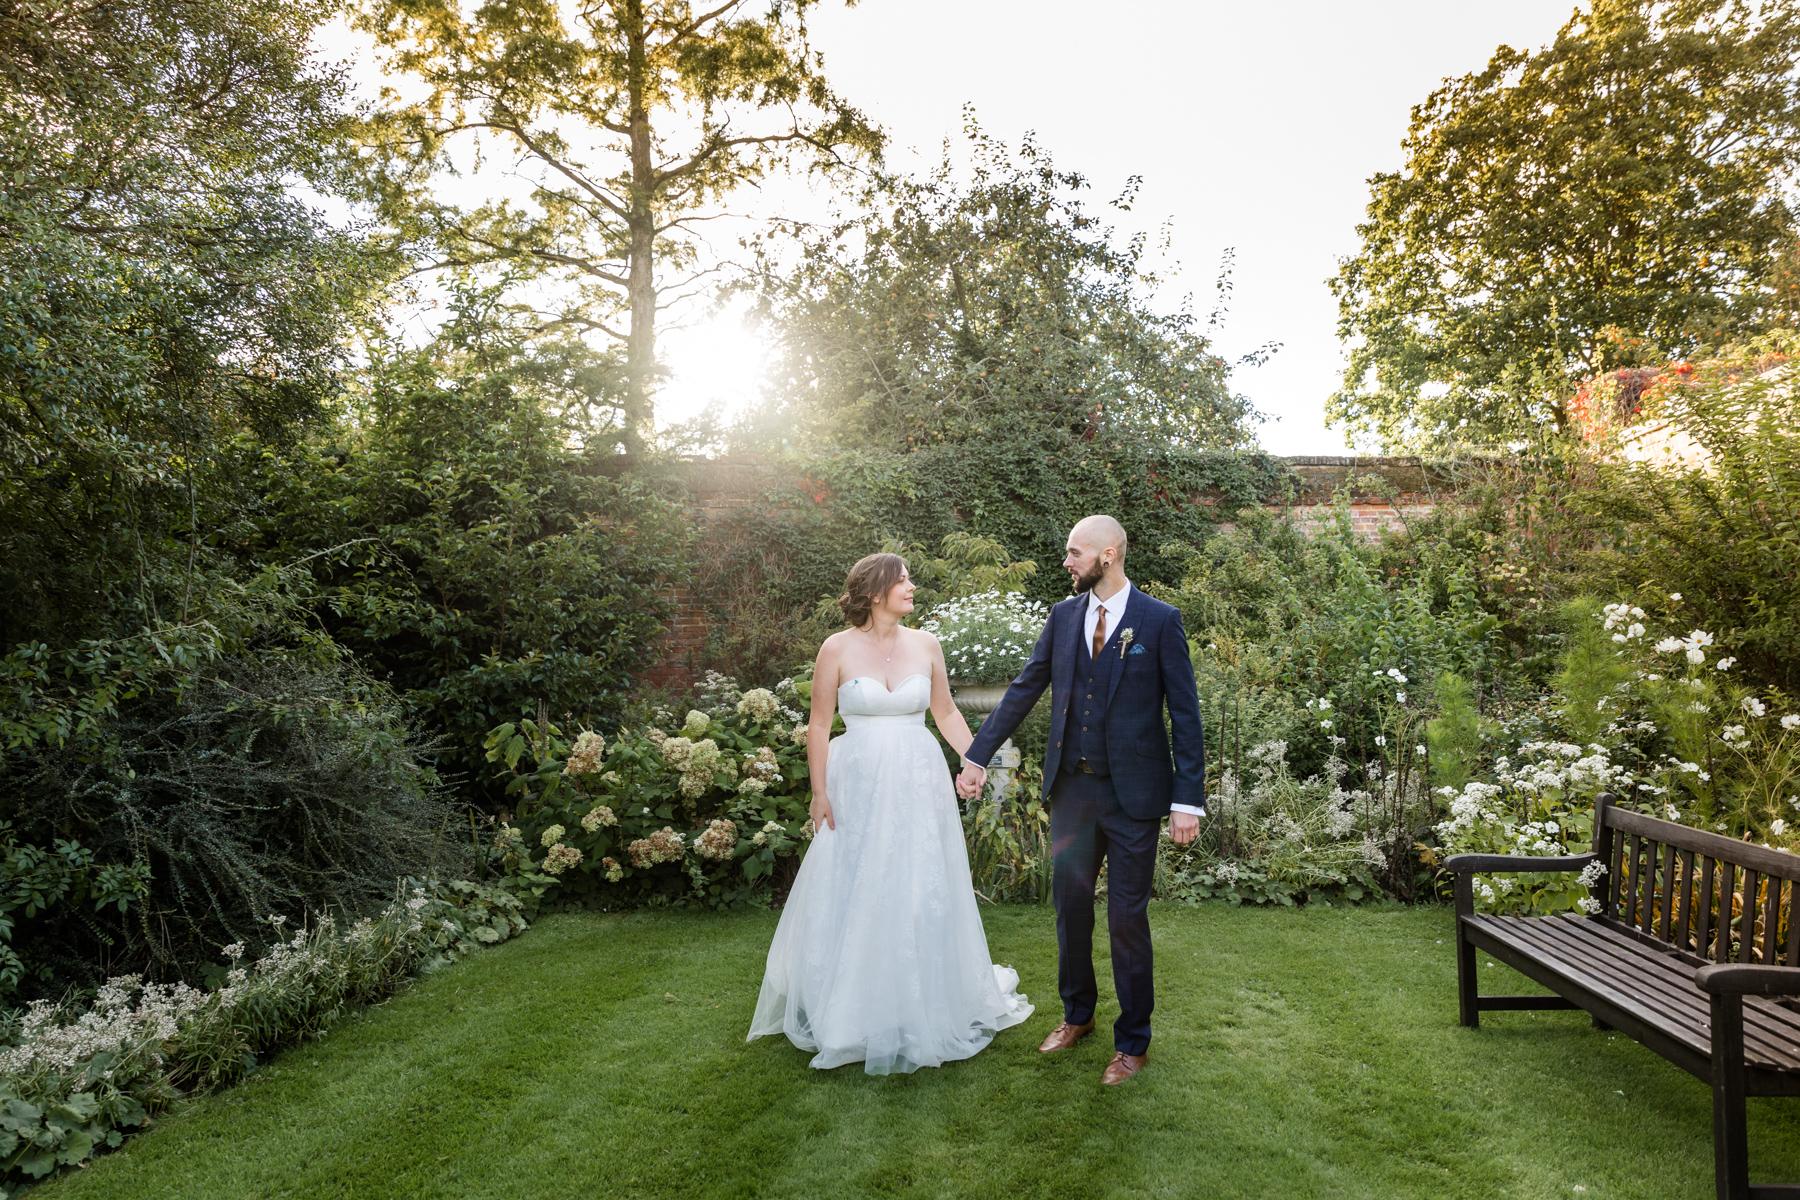 Deene Park white garden wedding